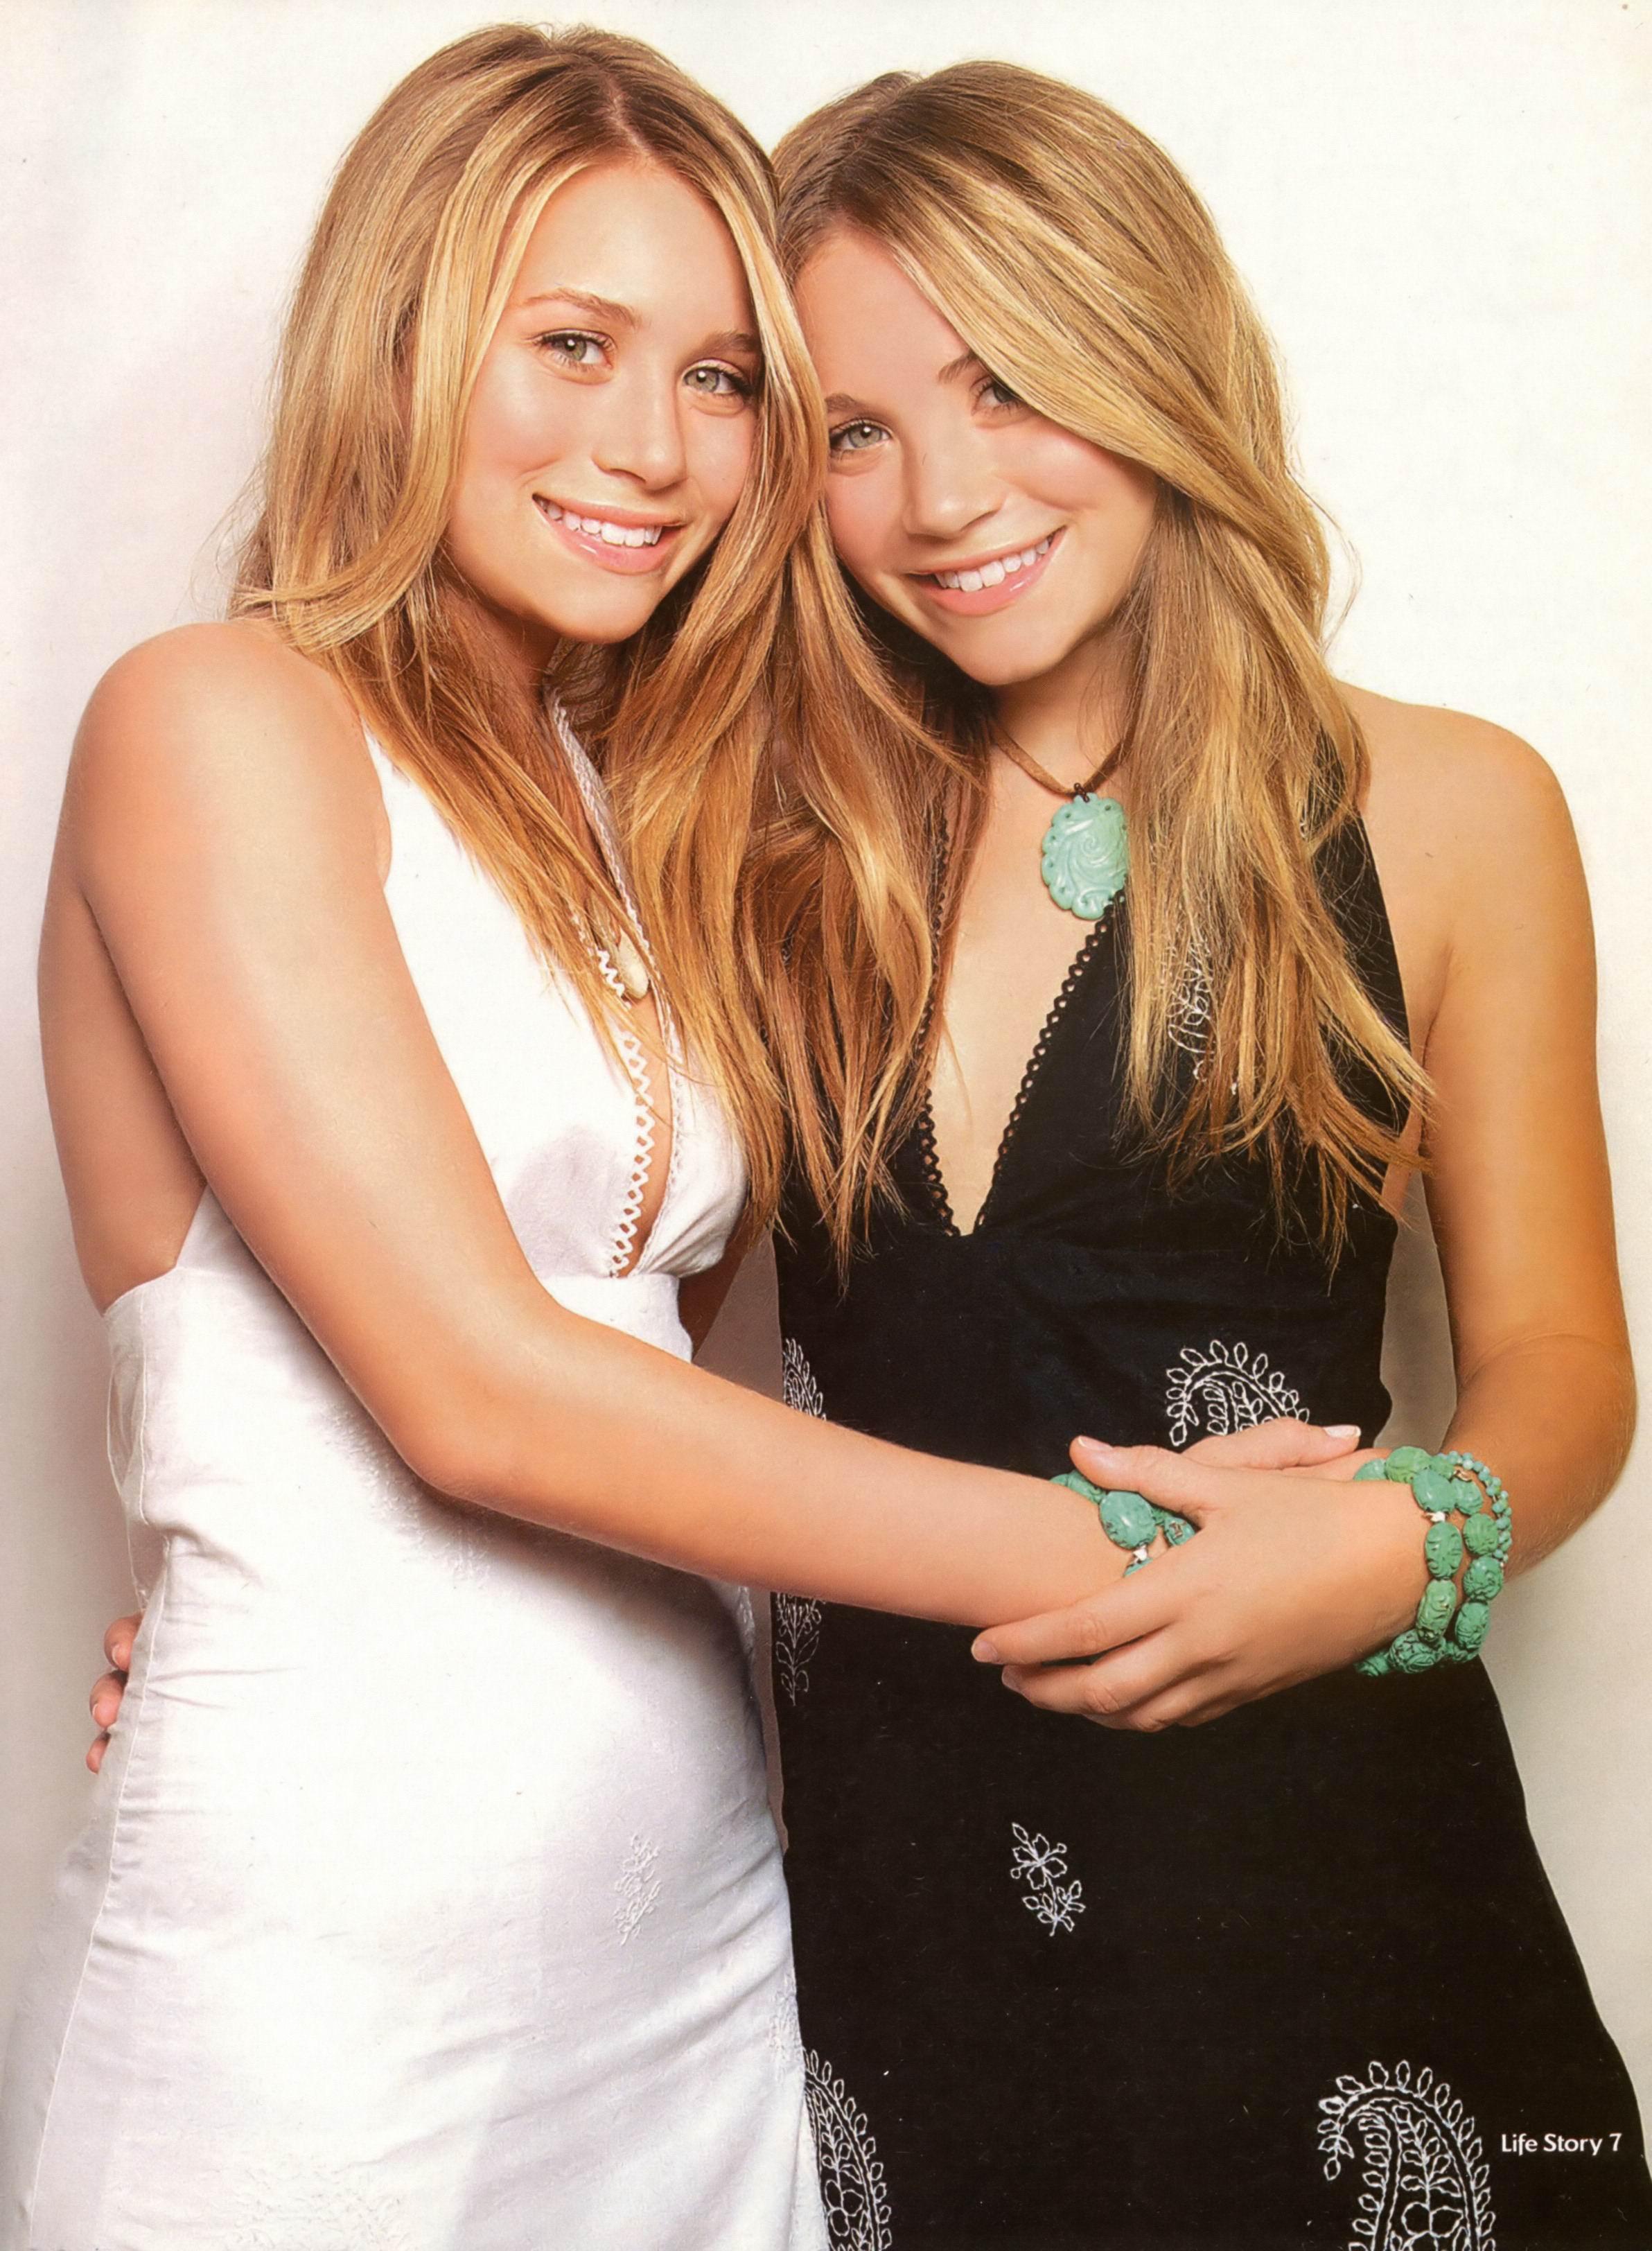 Lesbiennes jumelles adolescentes photos